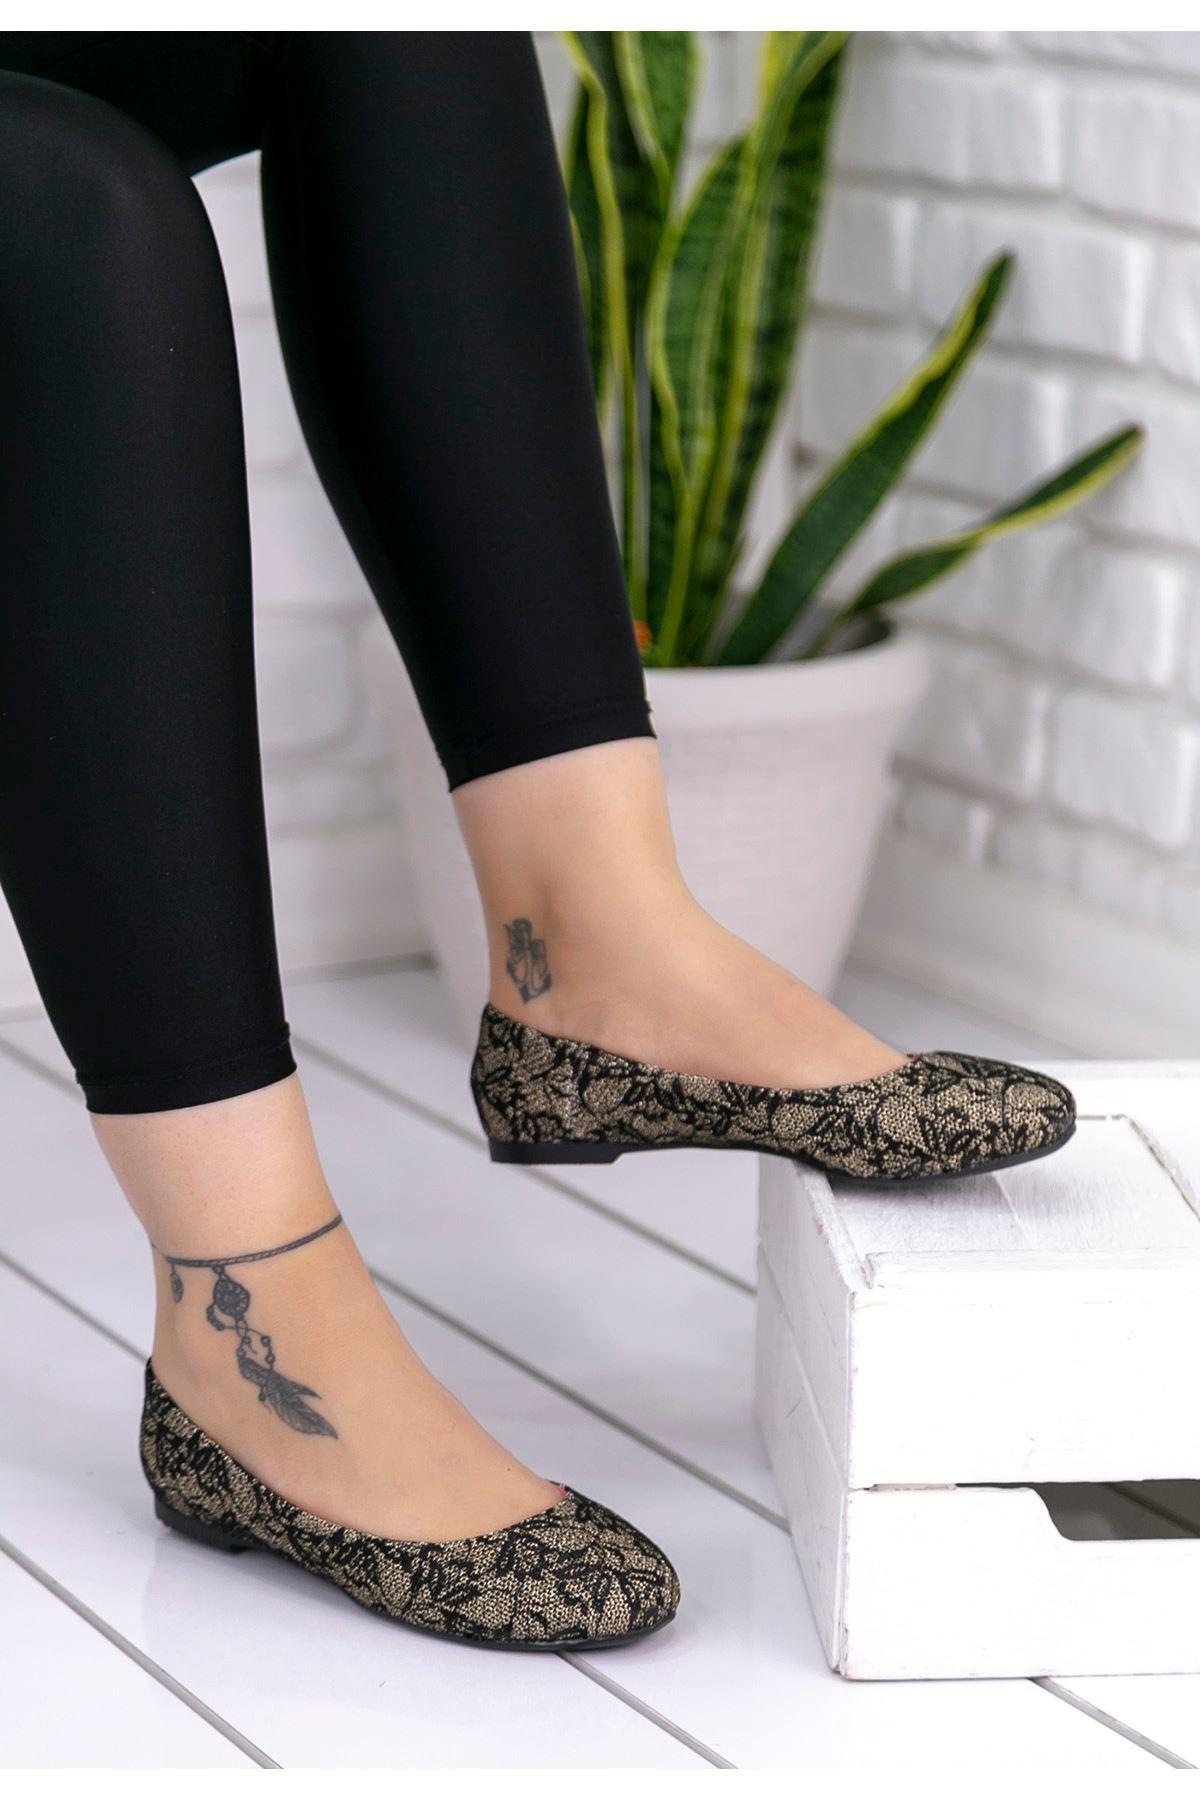 Aryana Sarı Babet Ayakkabı